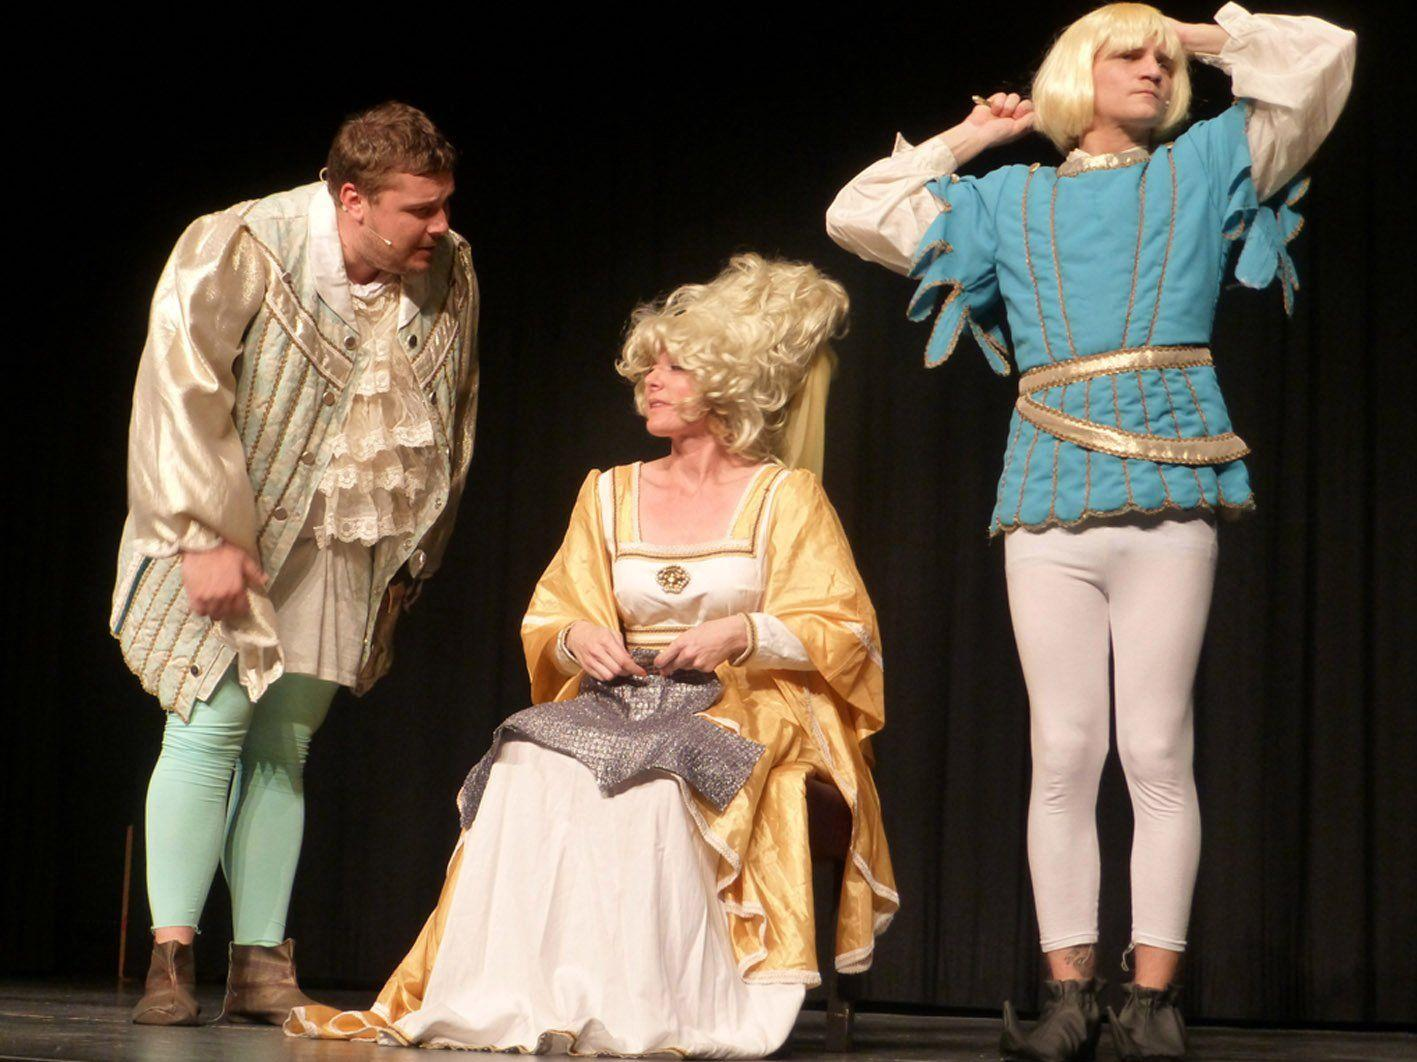 Das Volkstheater nahm die Zuschauer auf eine abenteuerliche Geschichtsreise durch unser Ländle mit.